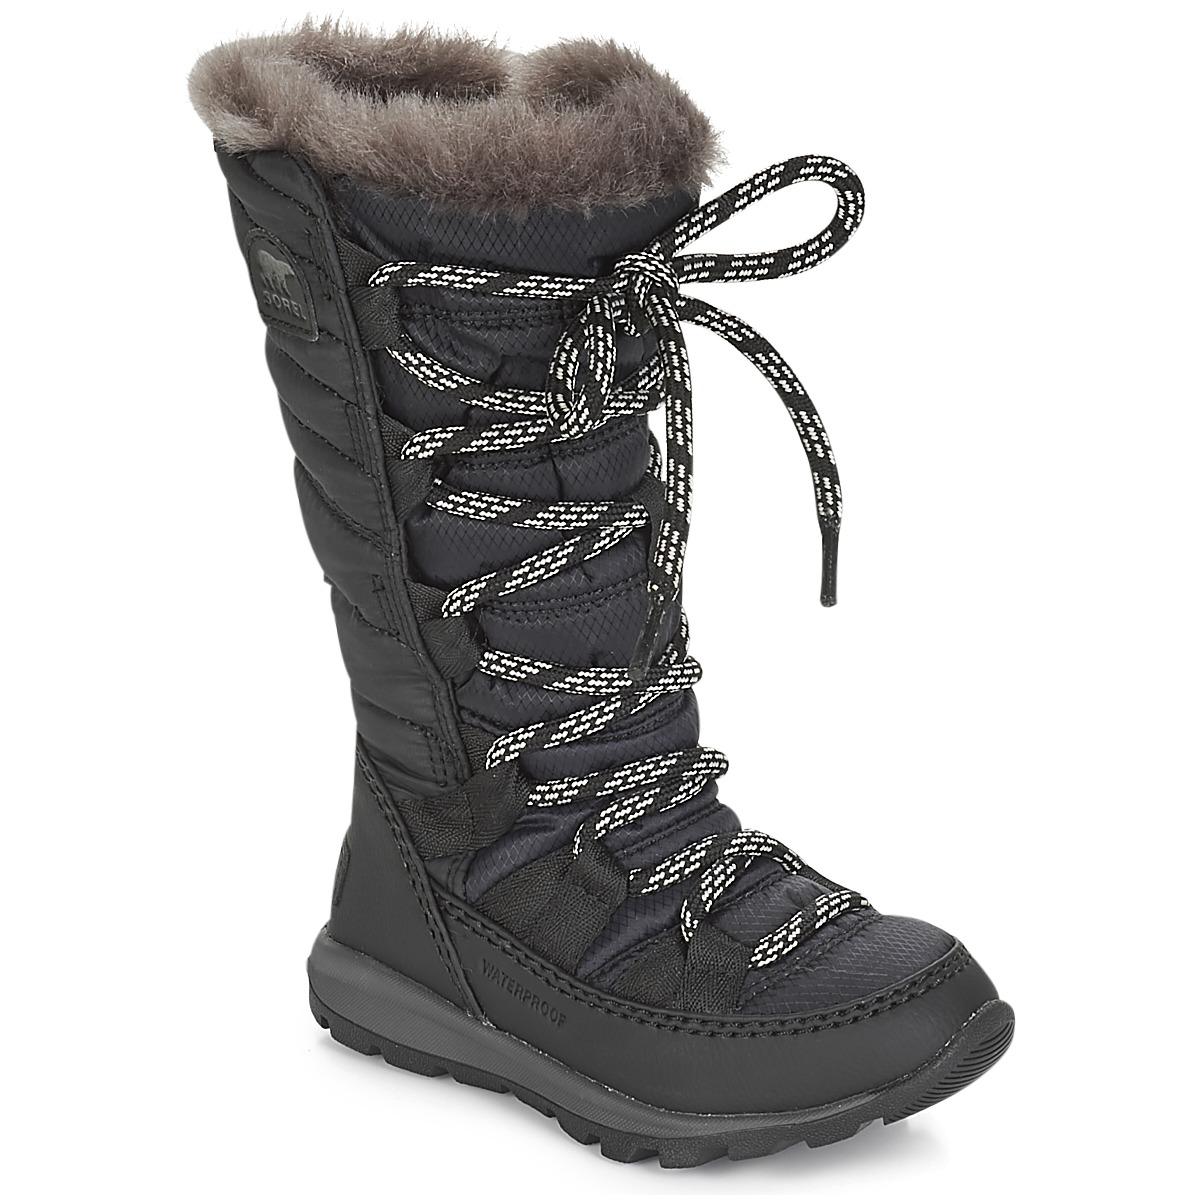 Vinterstøvler til børn Sorel CHILDREN'S WHITNEY? LACE